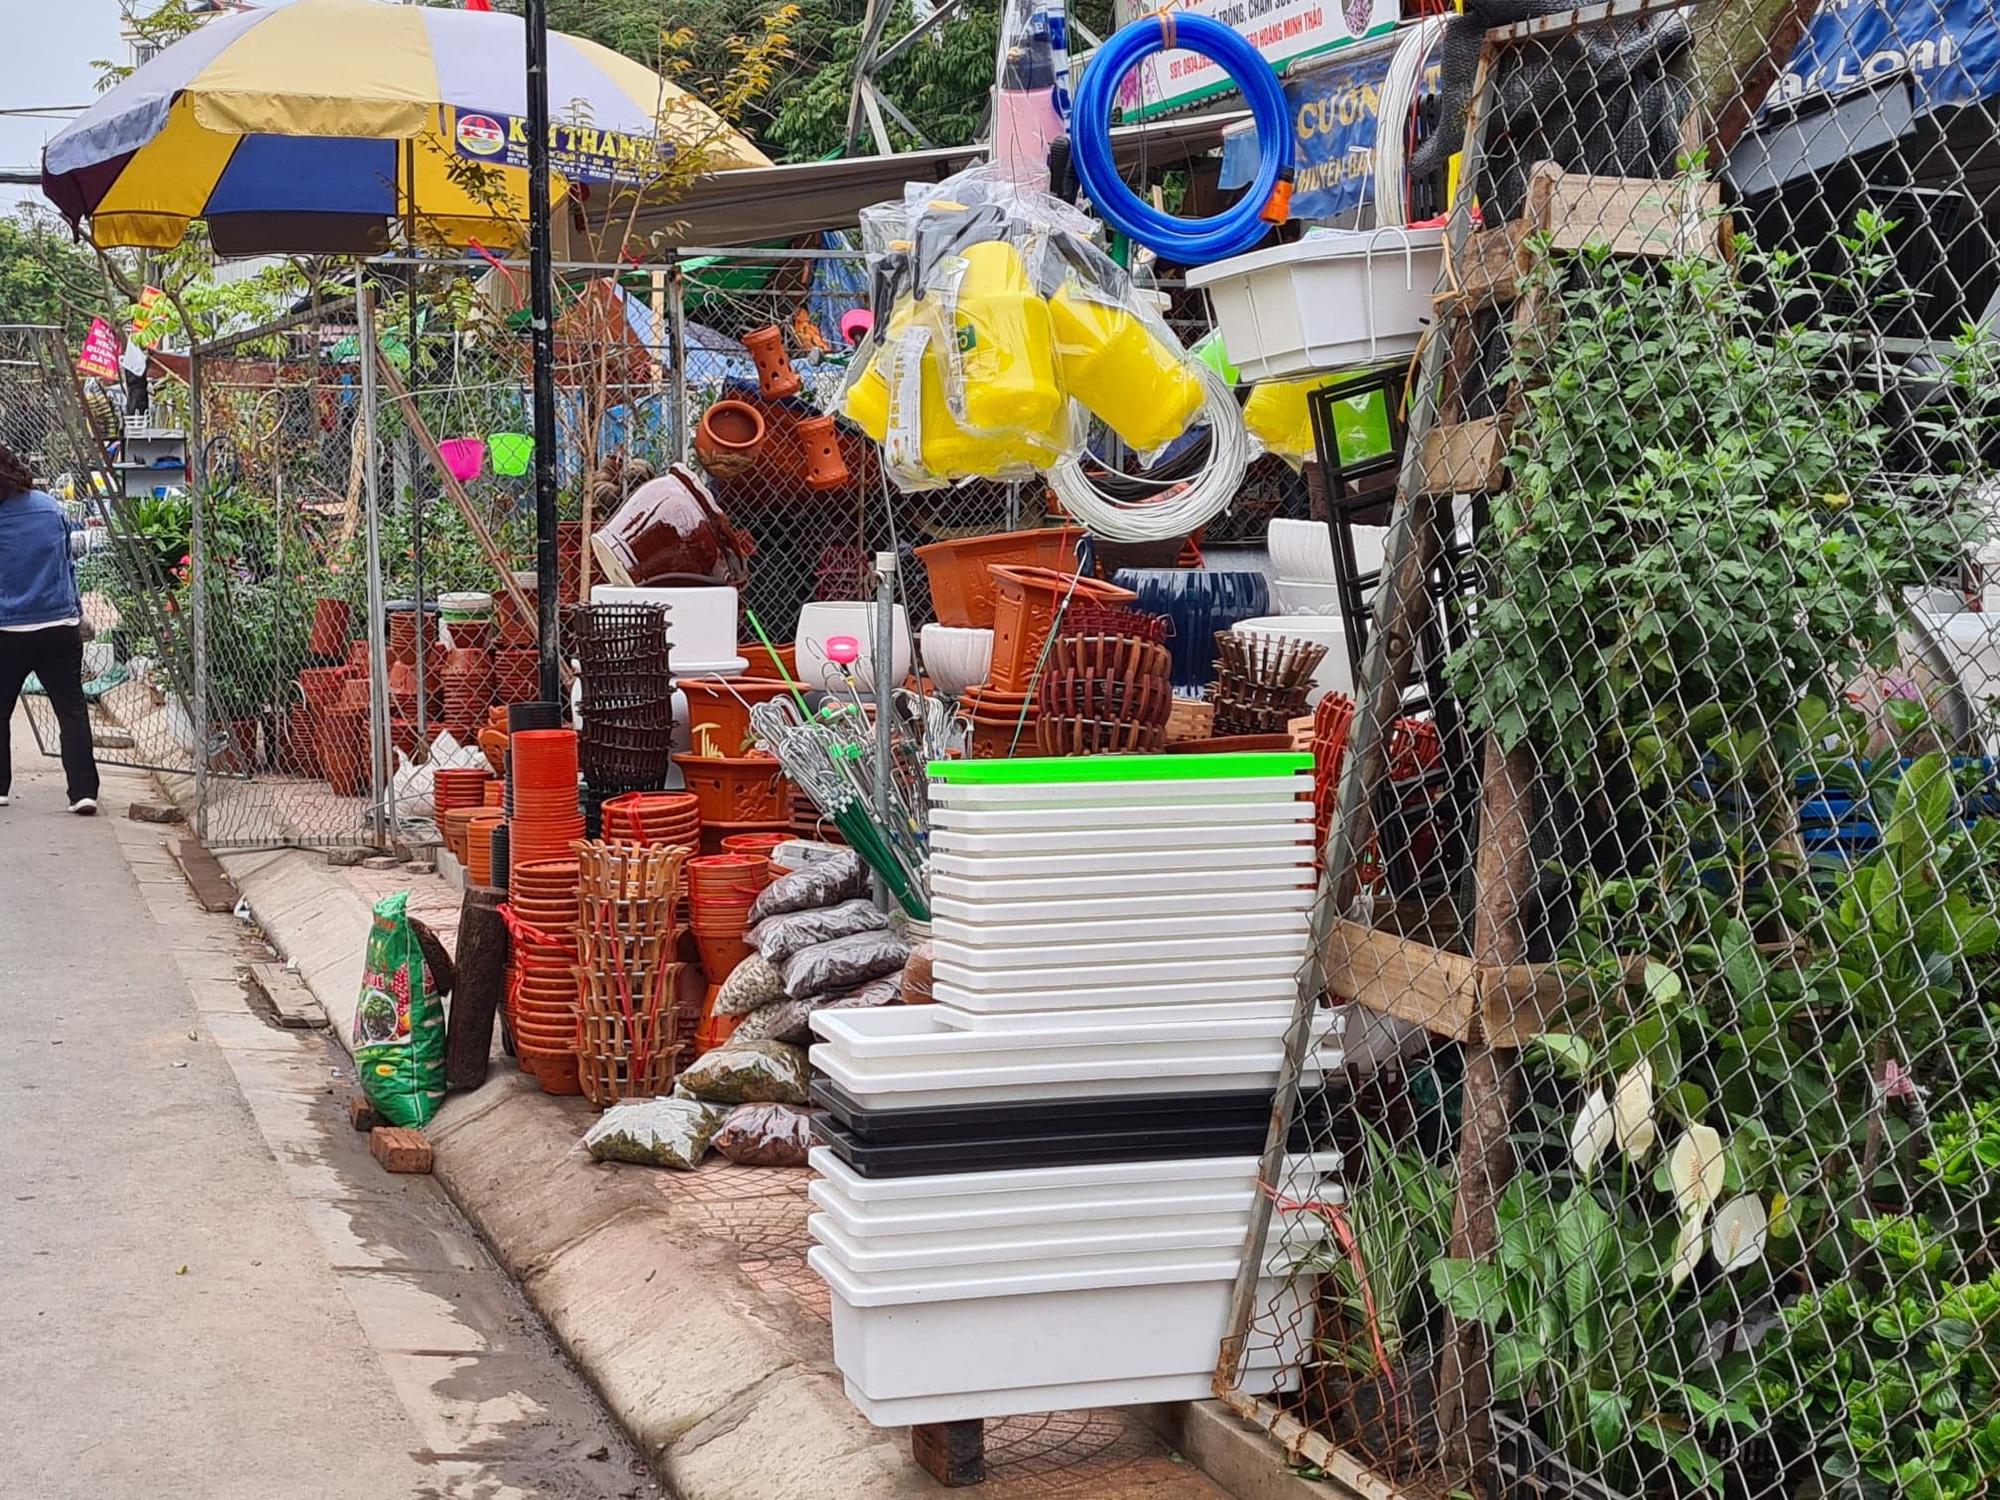 Vỉa hè bị quây bằng rào sắt để bán hàng ở Hải Phòng: Sẽ kiên quyết xử lý để giải tỏa - Ảnh 1.